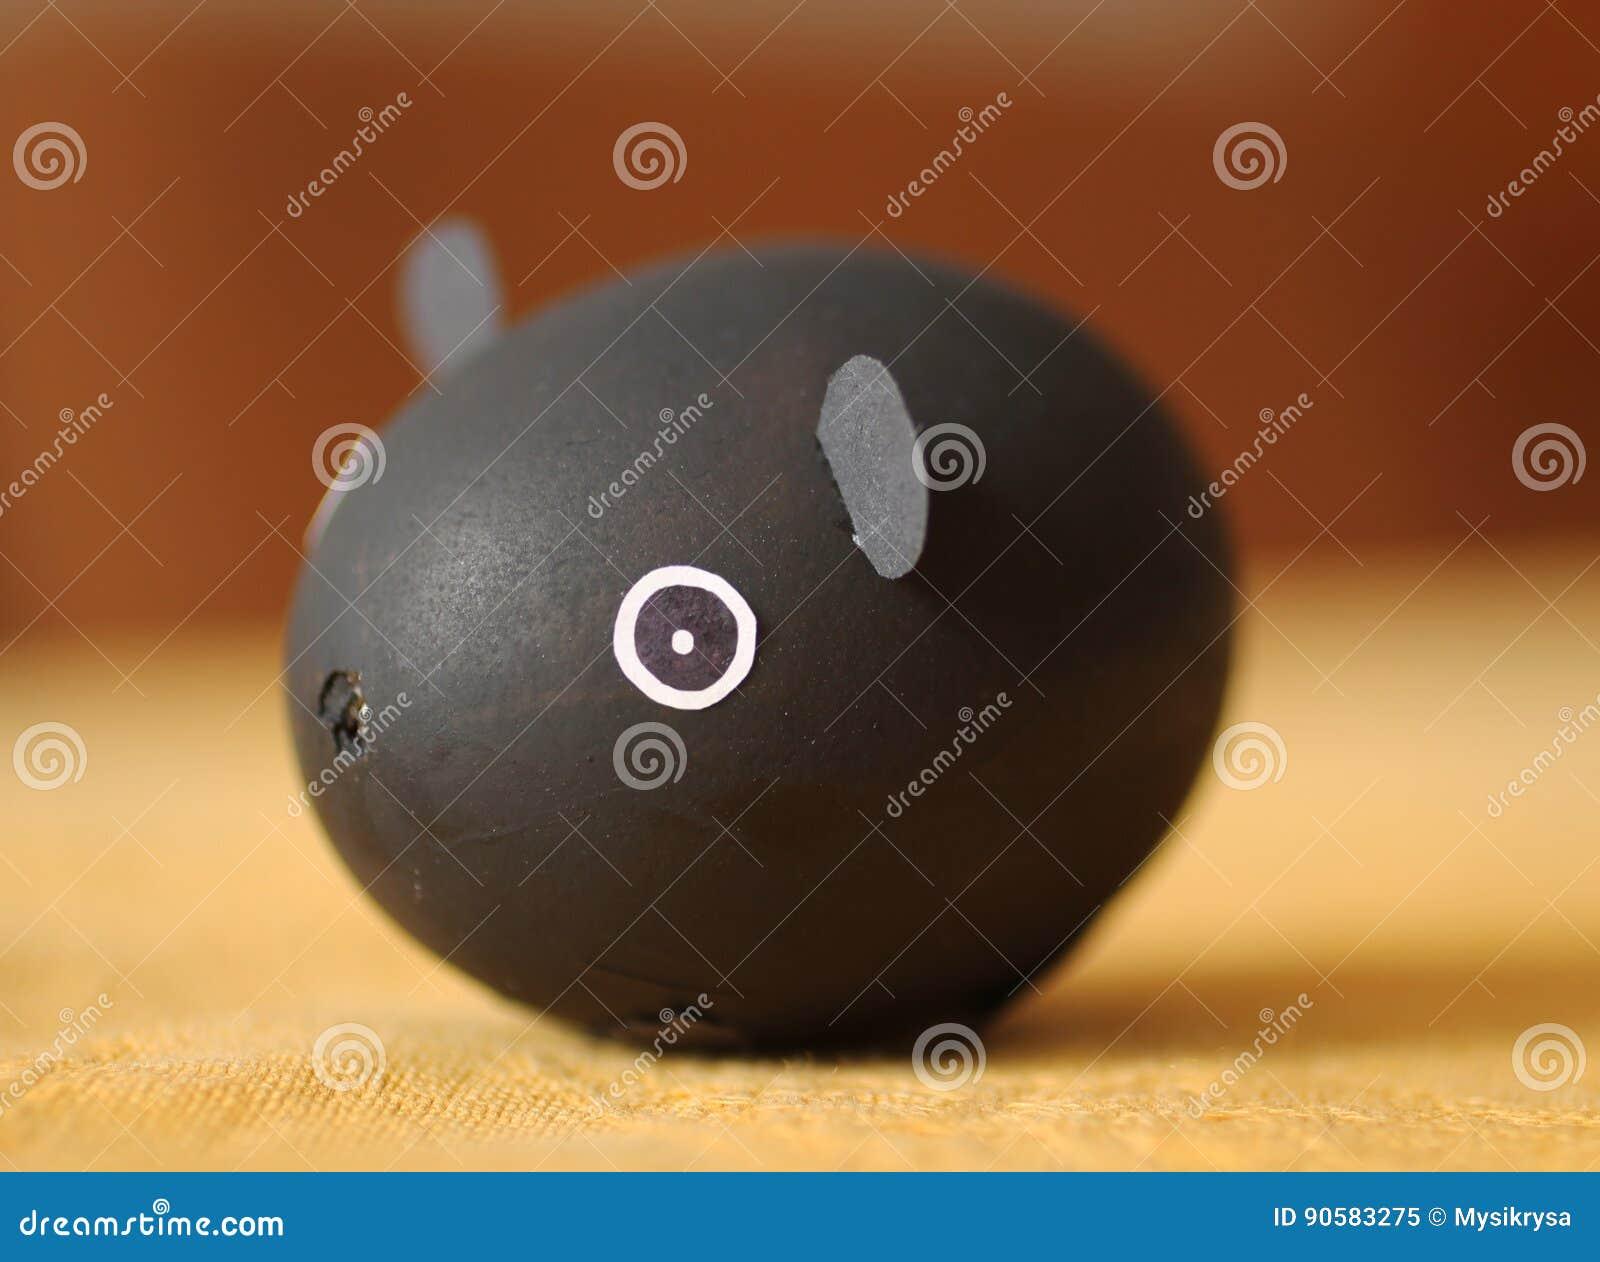 Guinea pig made of egg